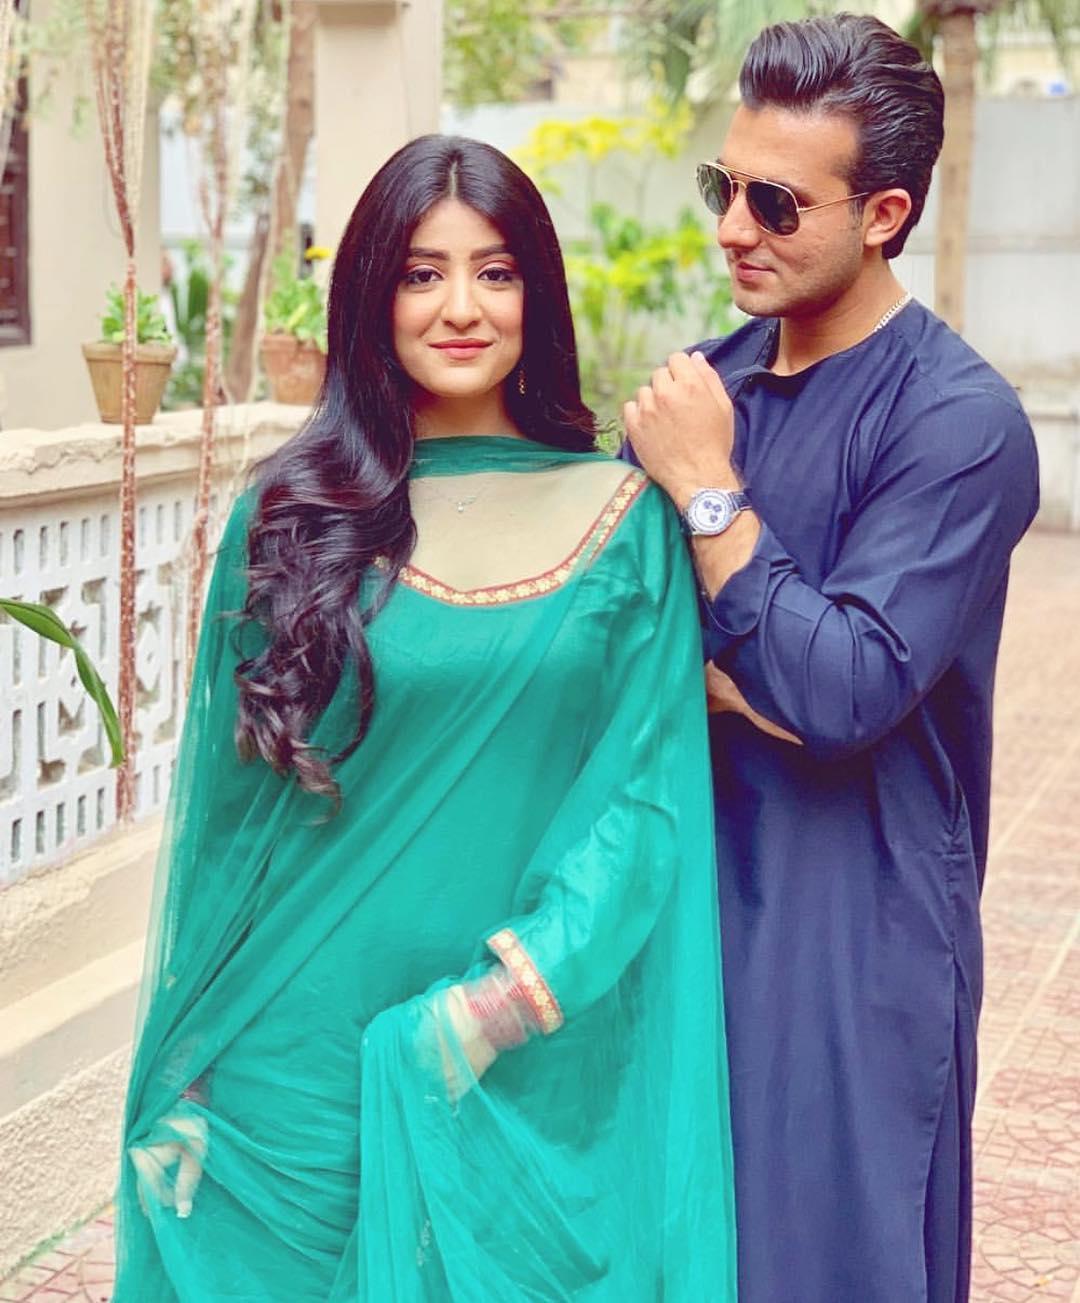 Sarah Elahi and shehroz sabzwari in dewar-e-shab